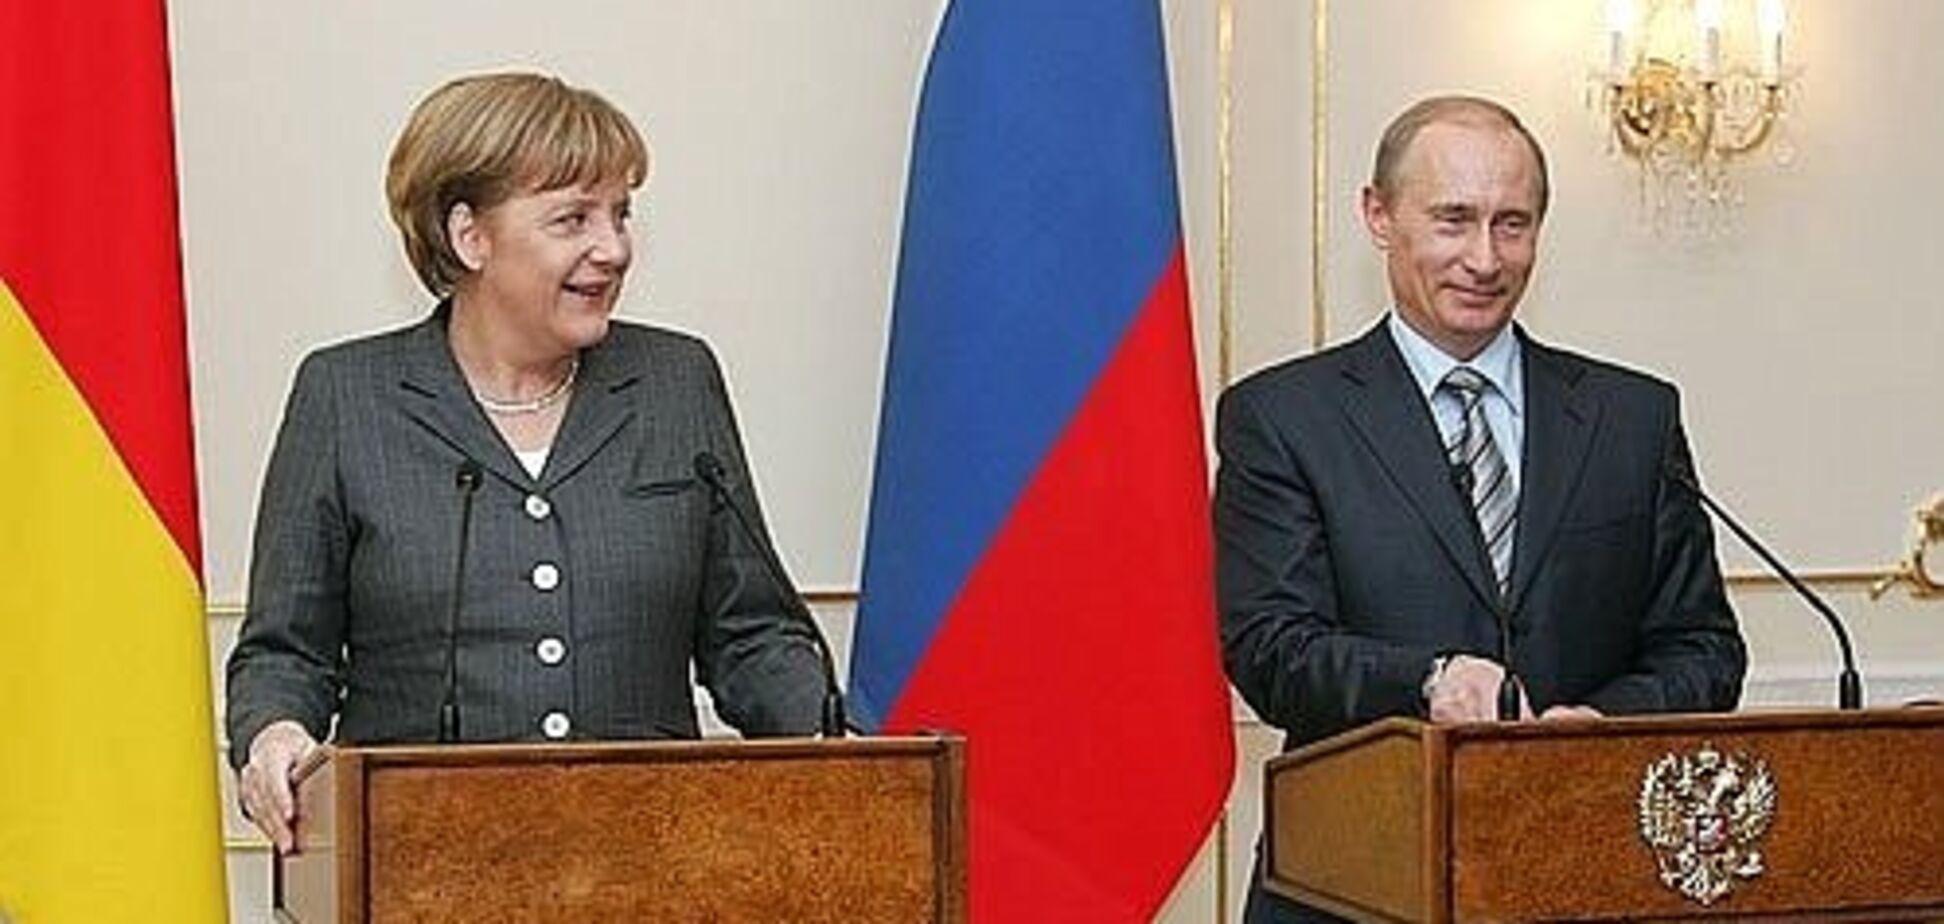 Можливий союз: з'явився прогноз щодо зустрічі Меркель і Путіна